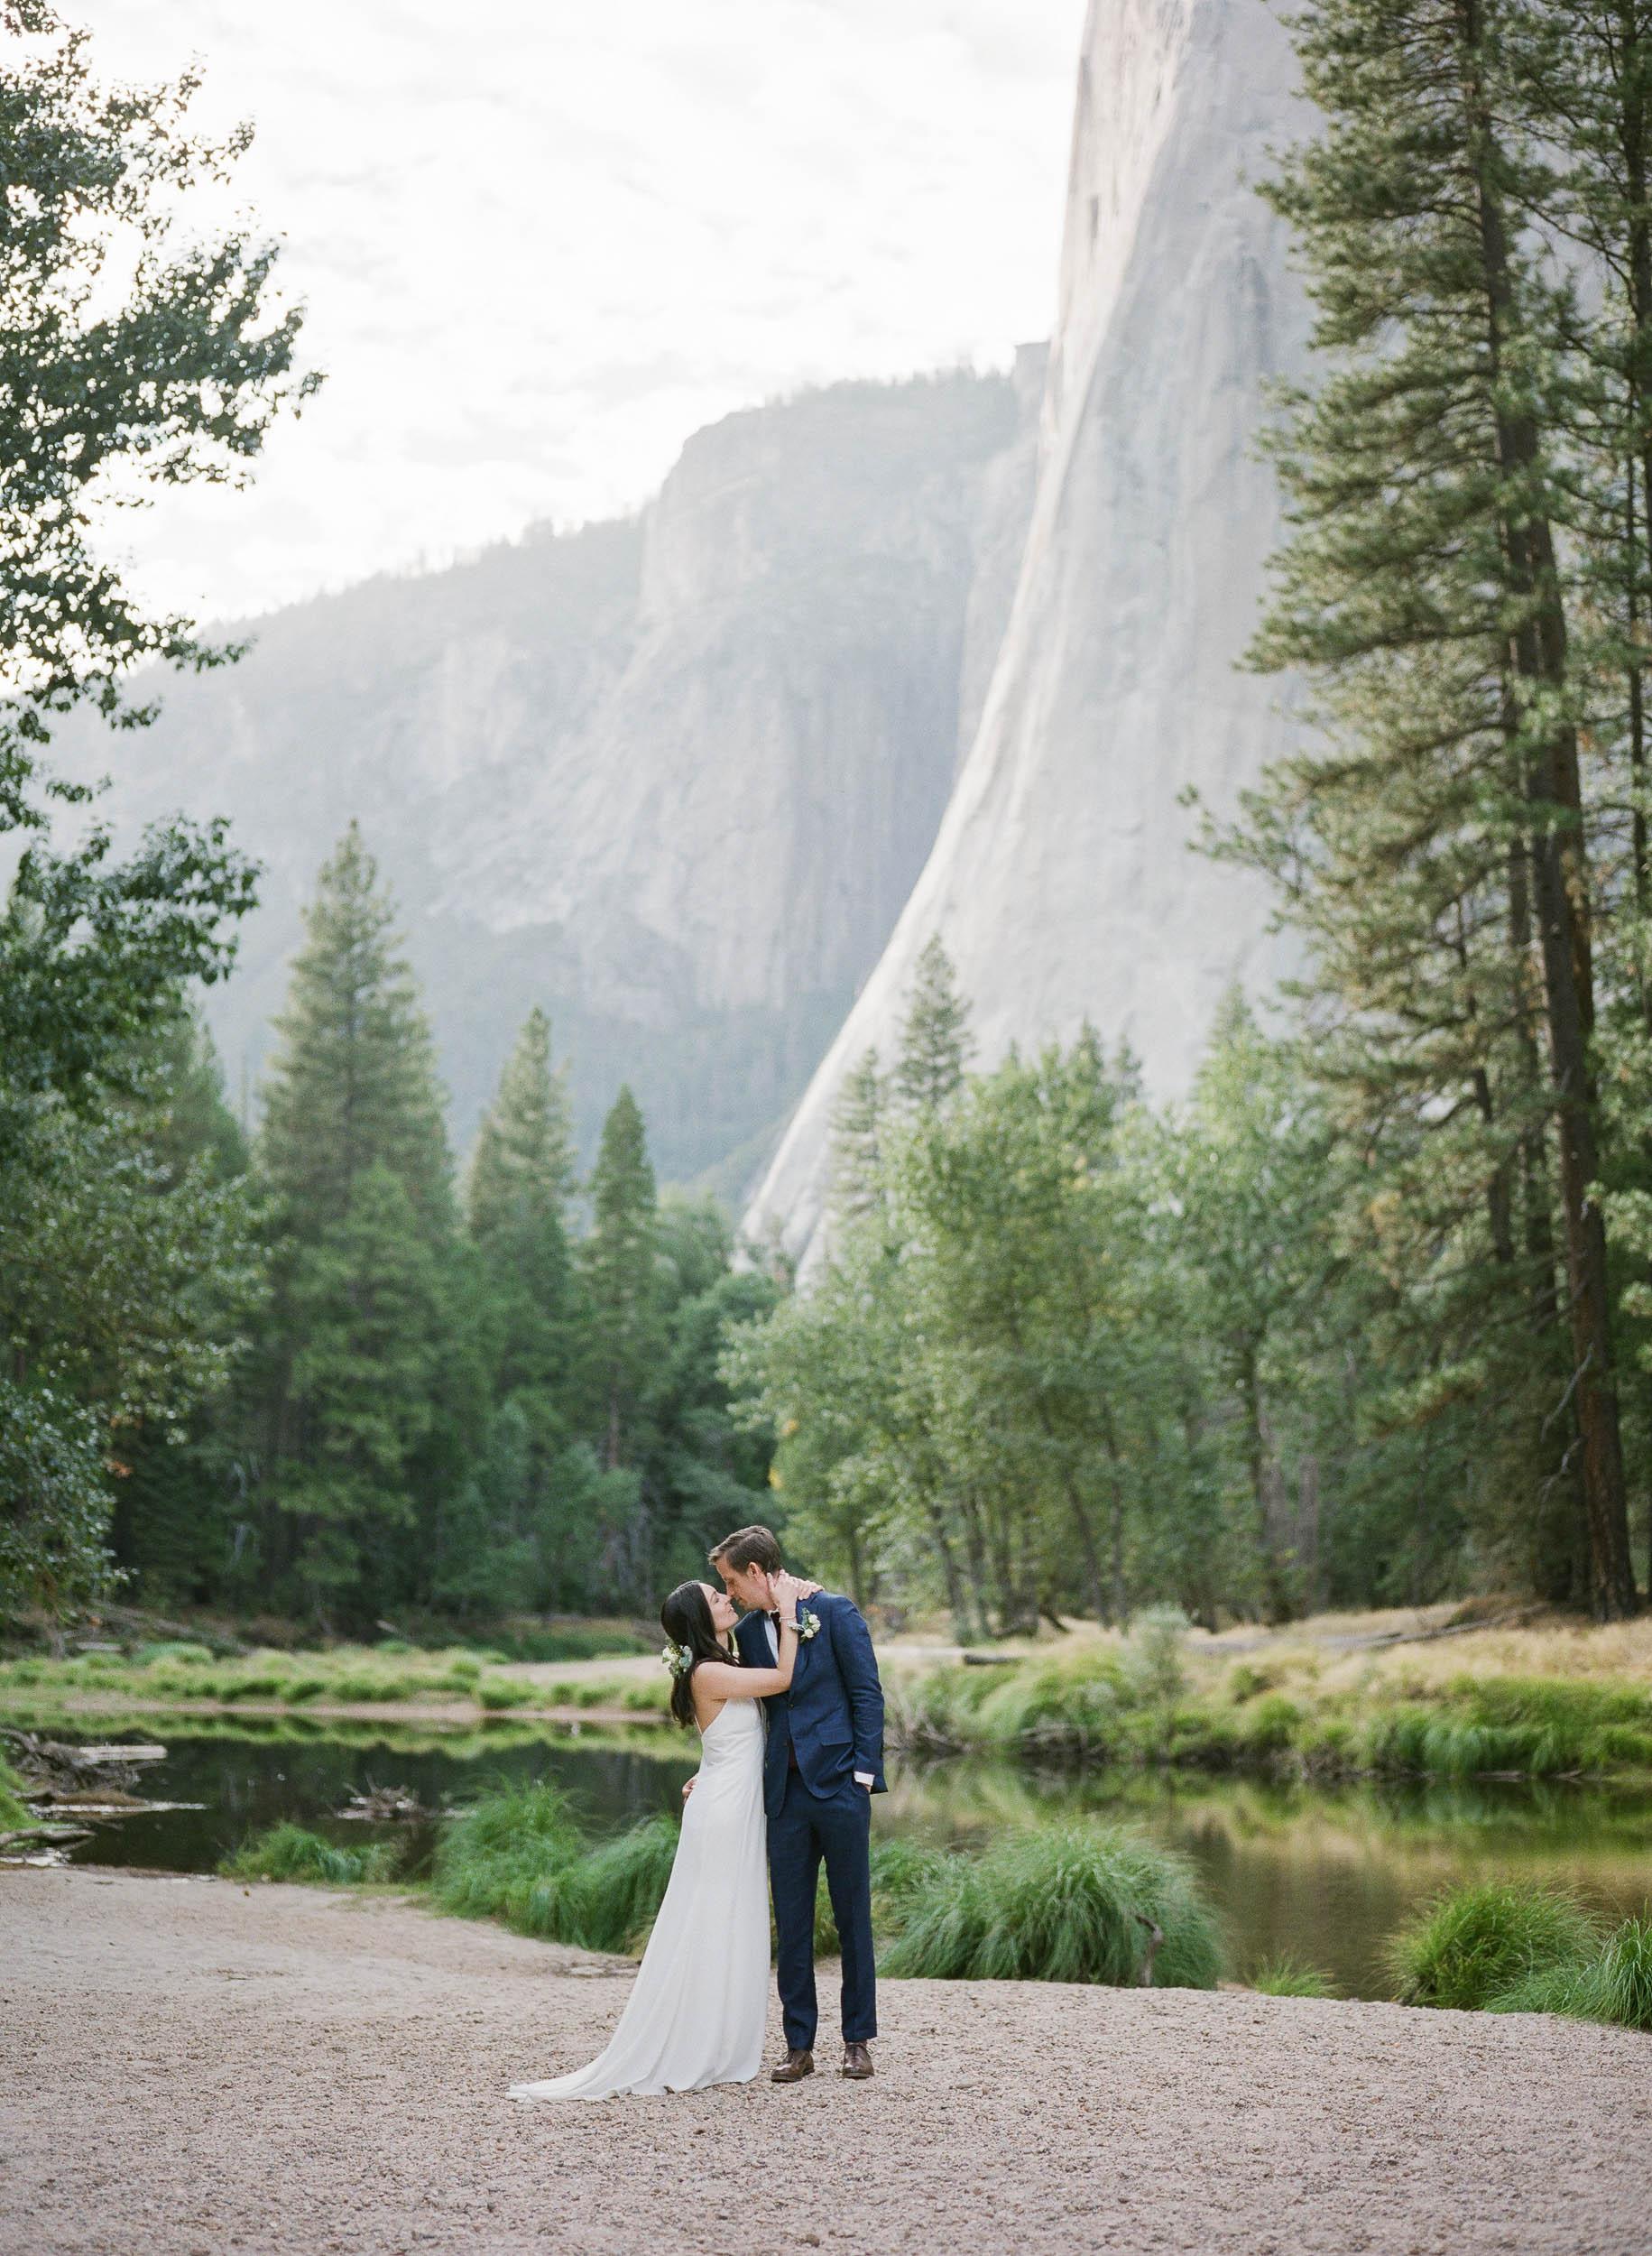 Anson + Maya | Yosemite